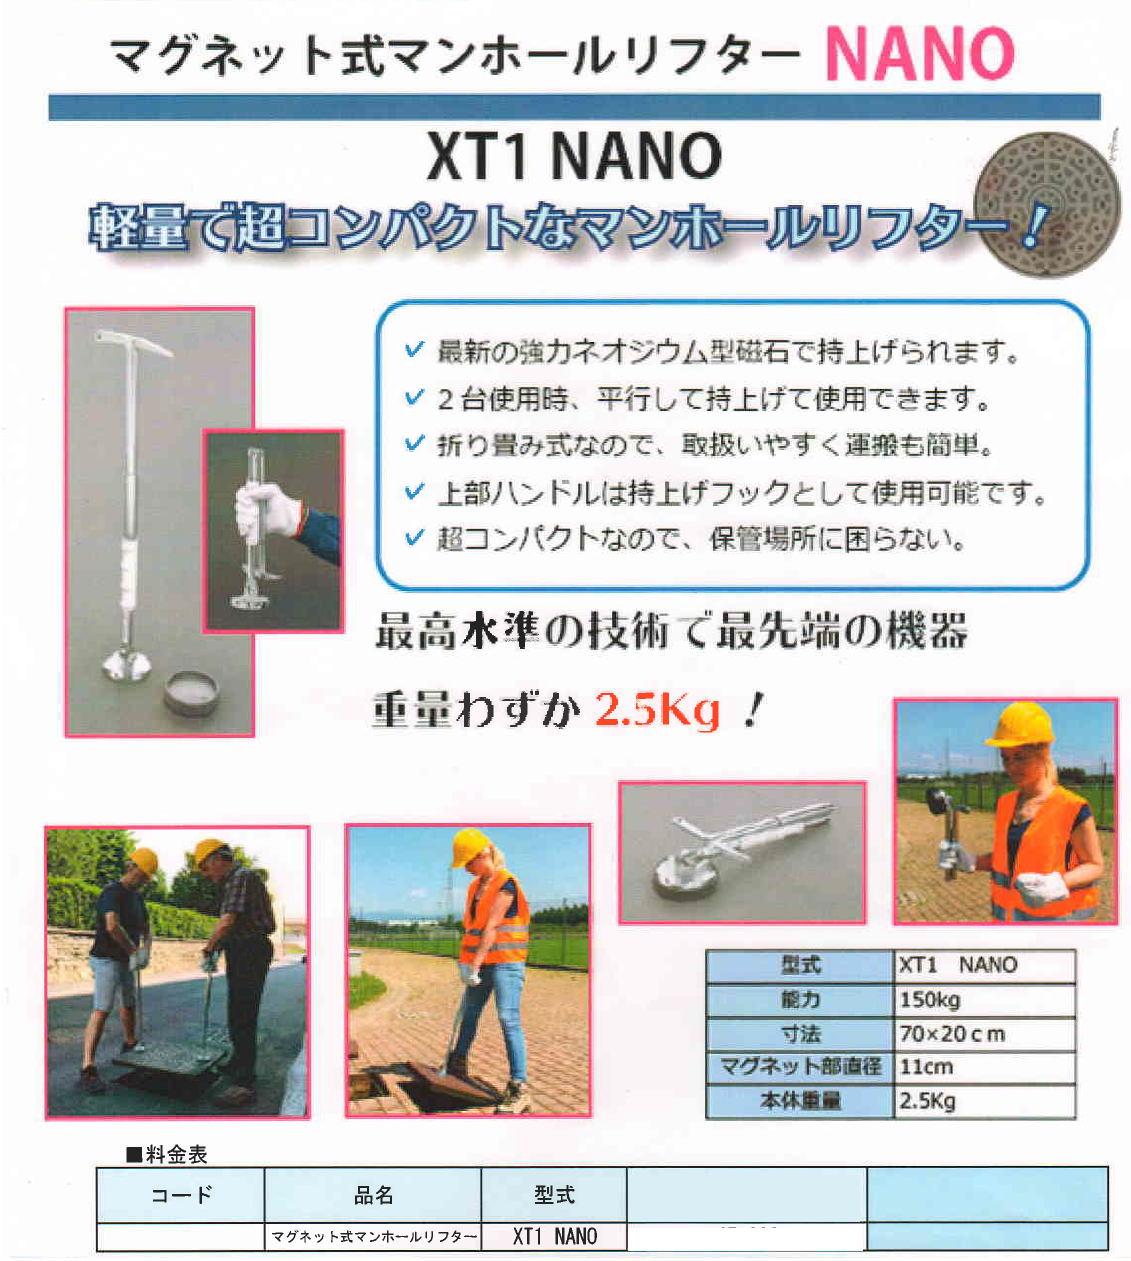 マグネット式マンホールリフター XT1 NANO